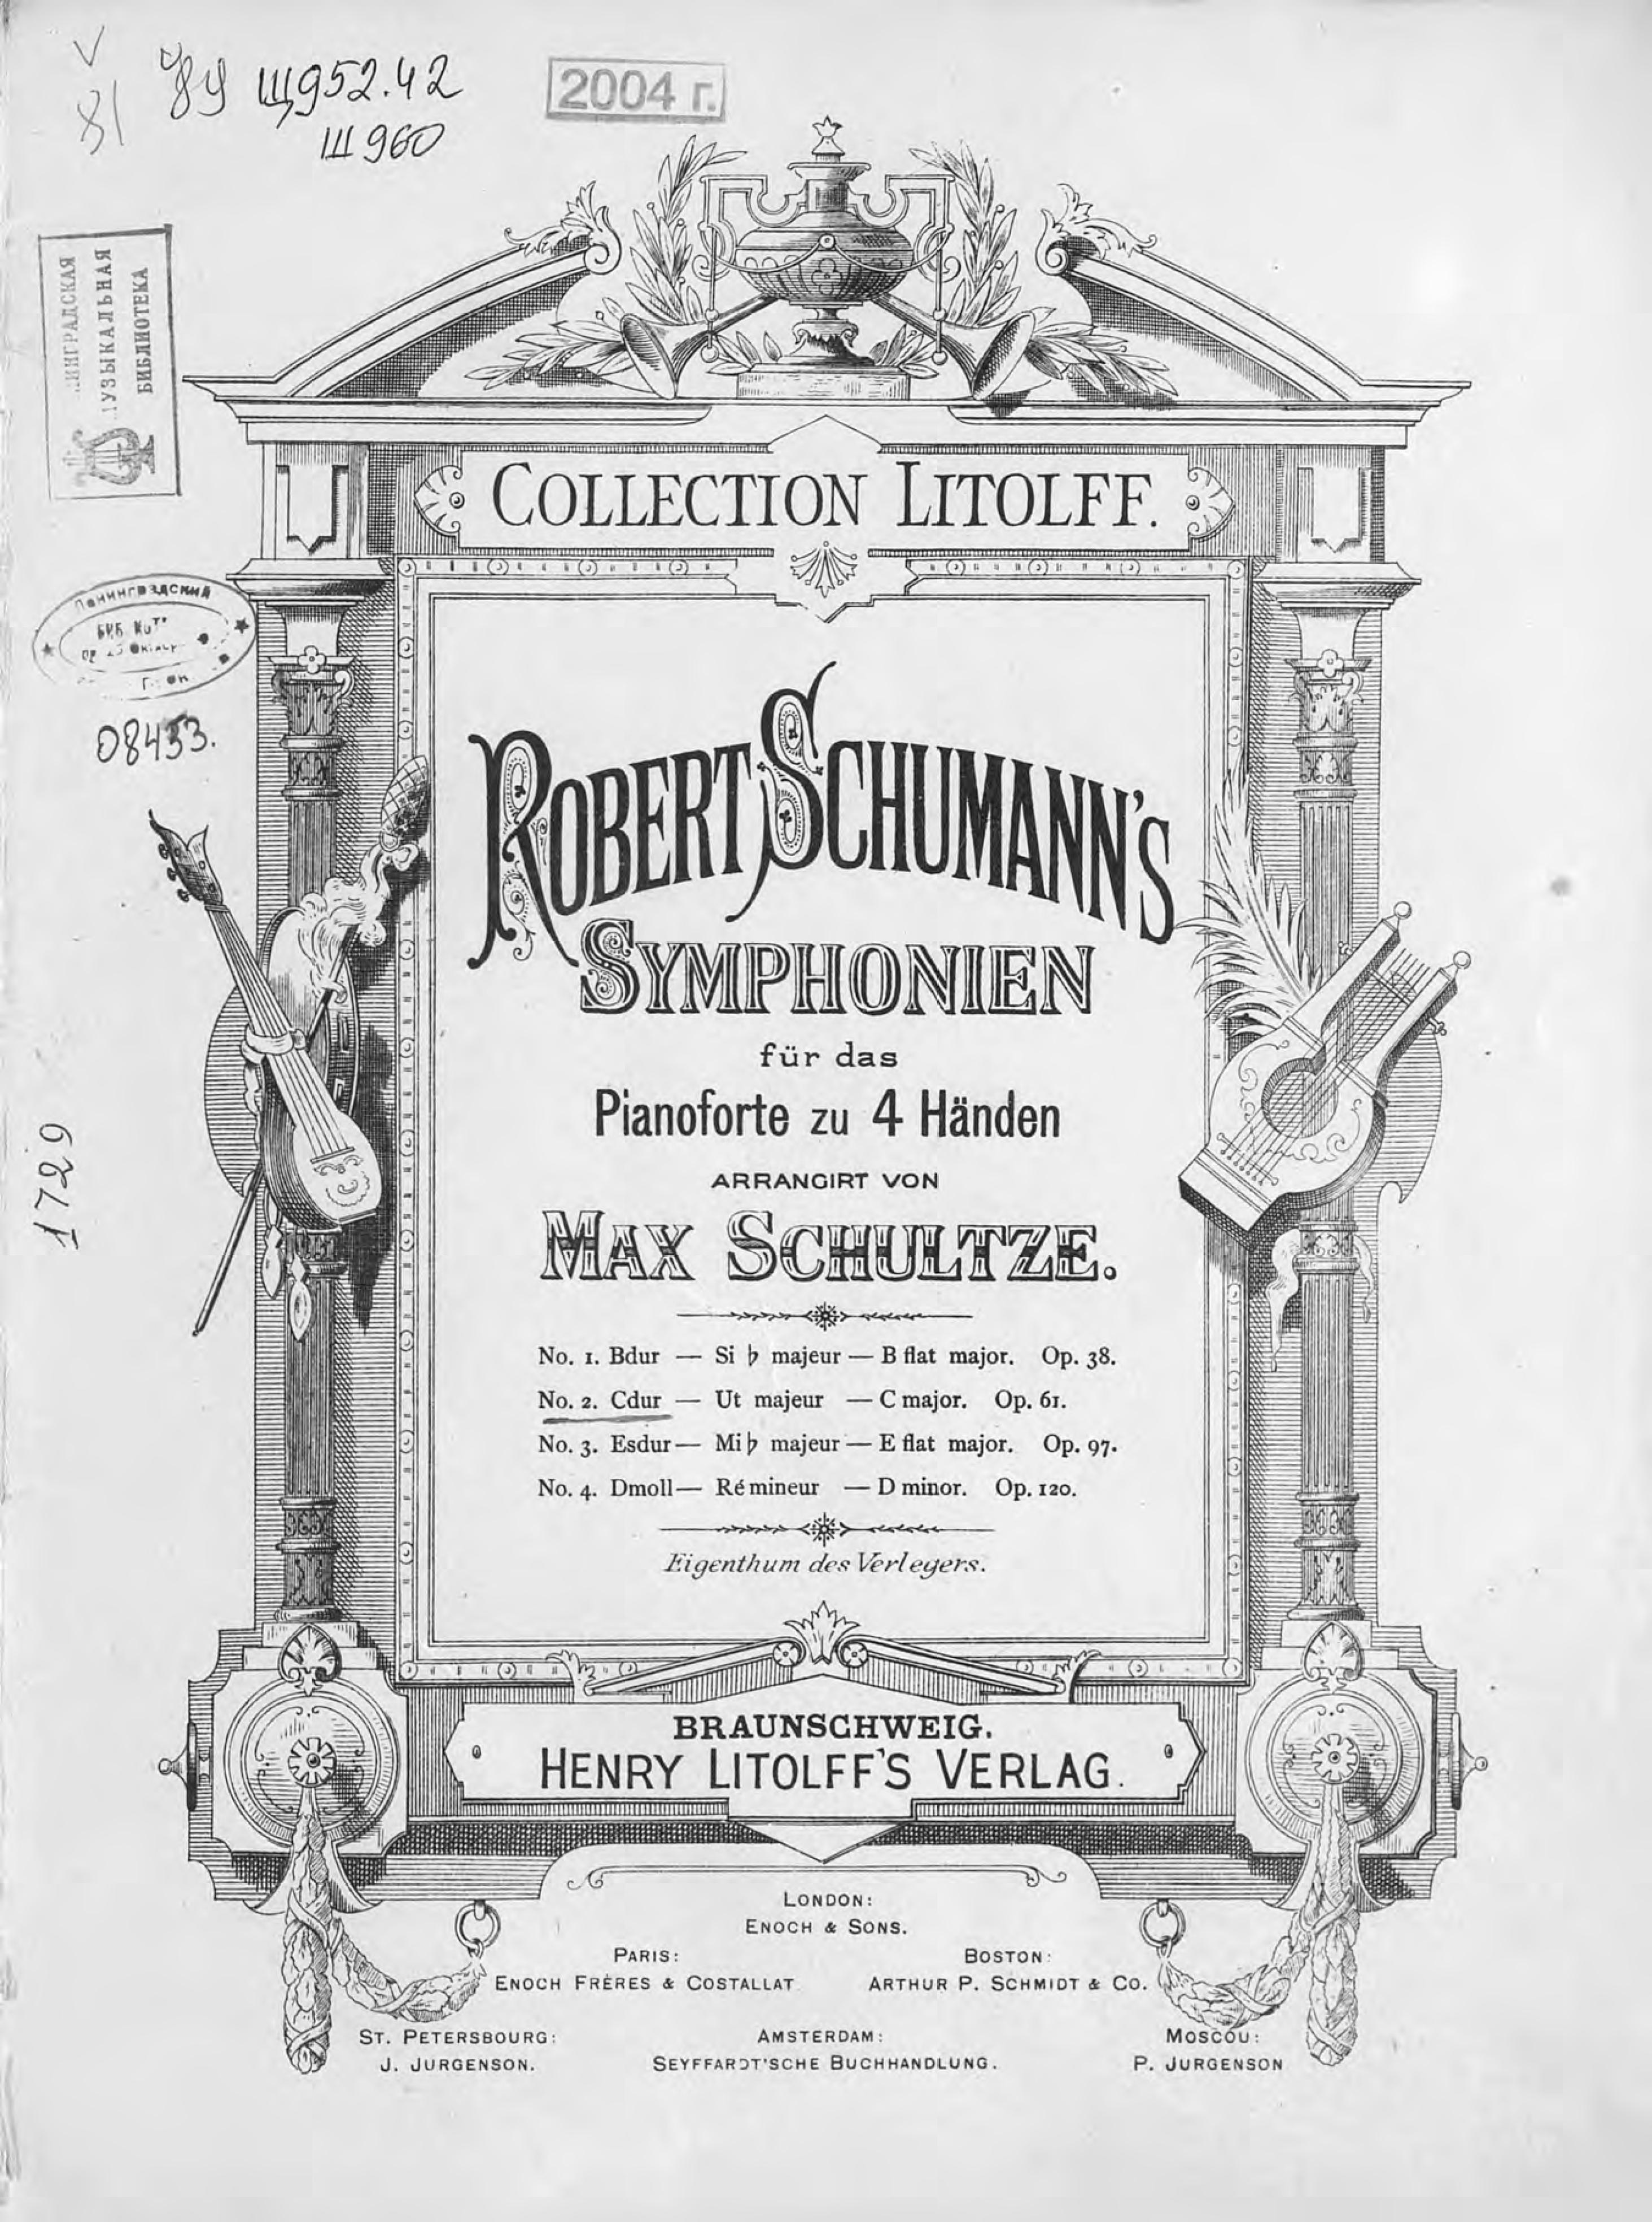 Роберт Шуман Symphonie N 2, C-dur густав малер erste symphonie in d dur